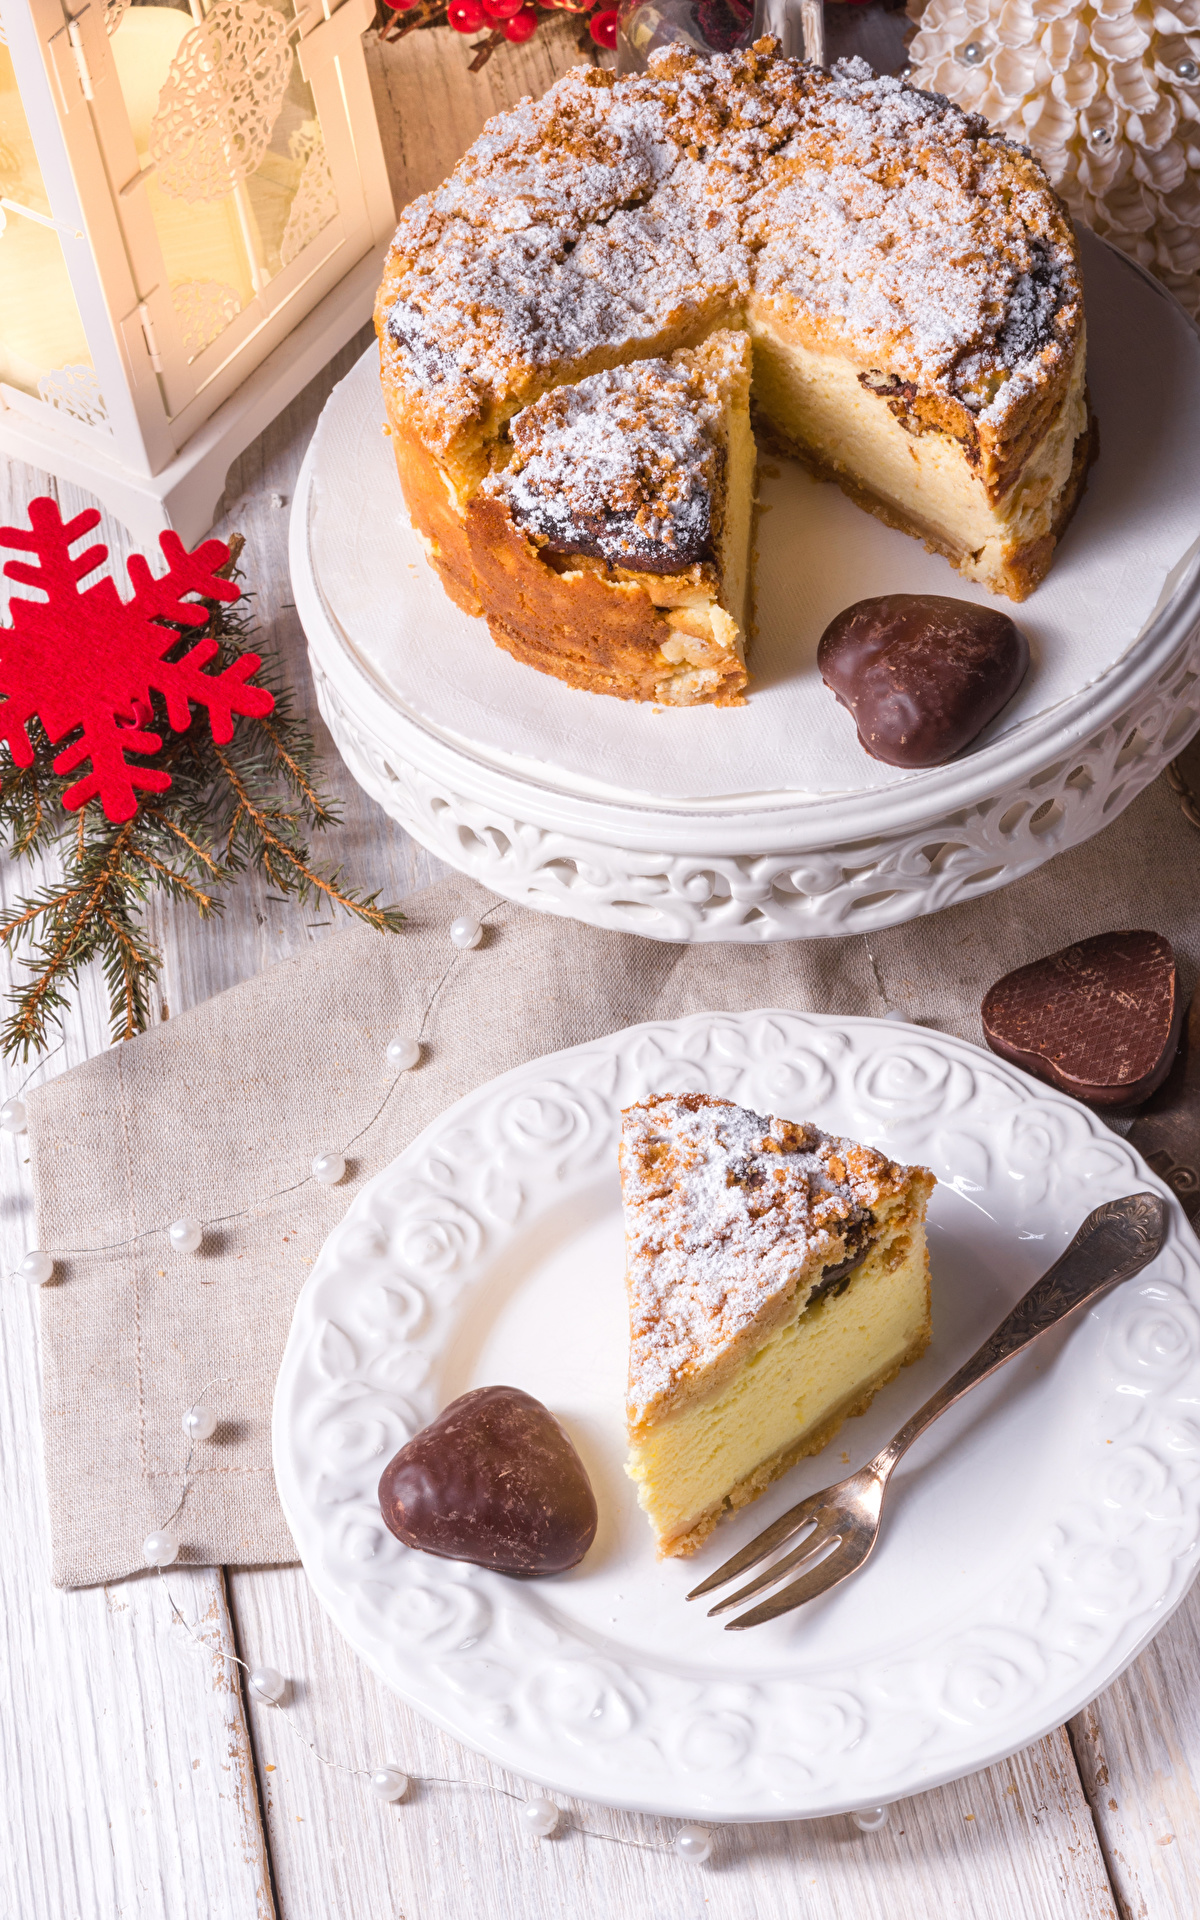 Фотография Пирог Рождество Снежинки Кусок Пища Тарелка Вилка столовая 1200x1920 Новый год часть Еда Продукты питания